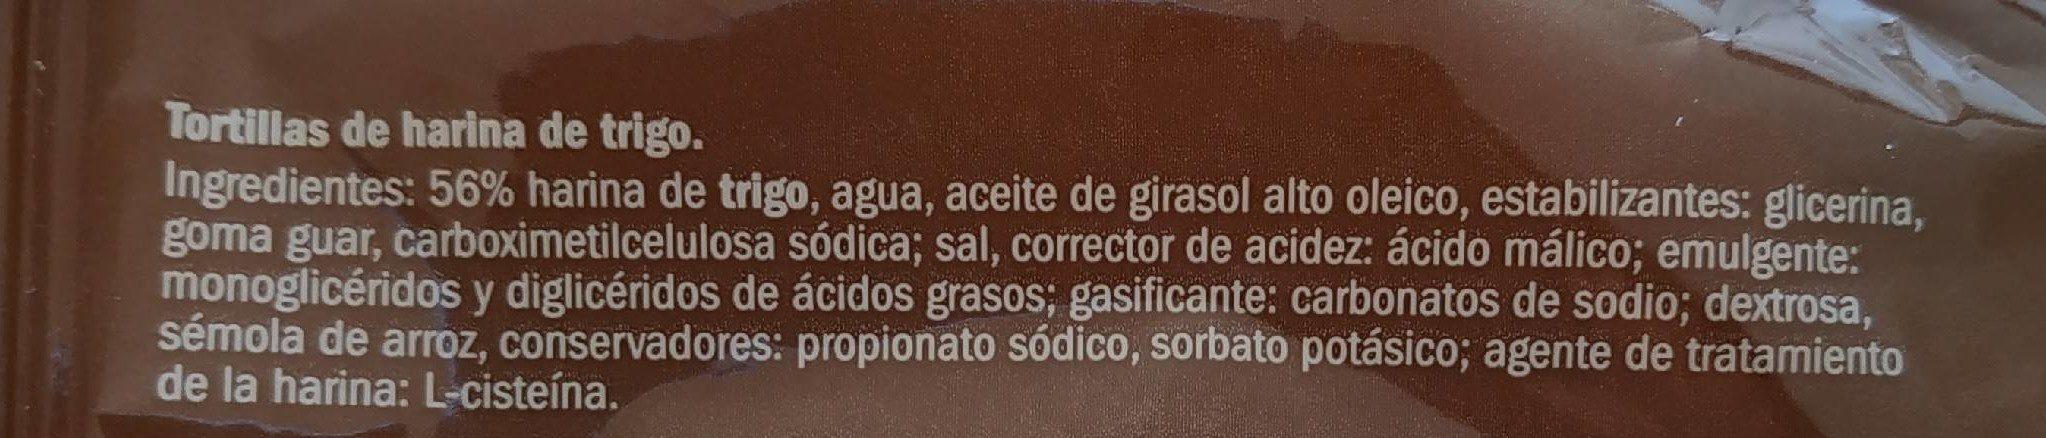 Tortillas de trigo - Ingredients